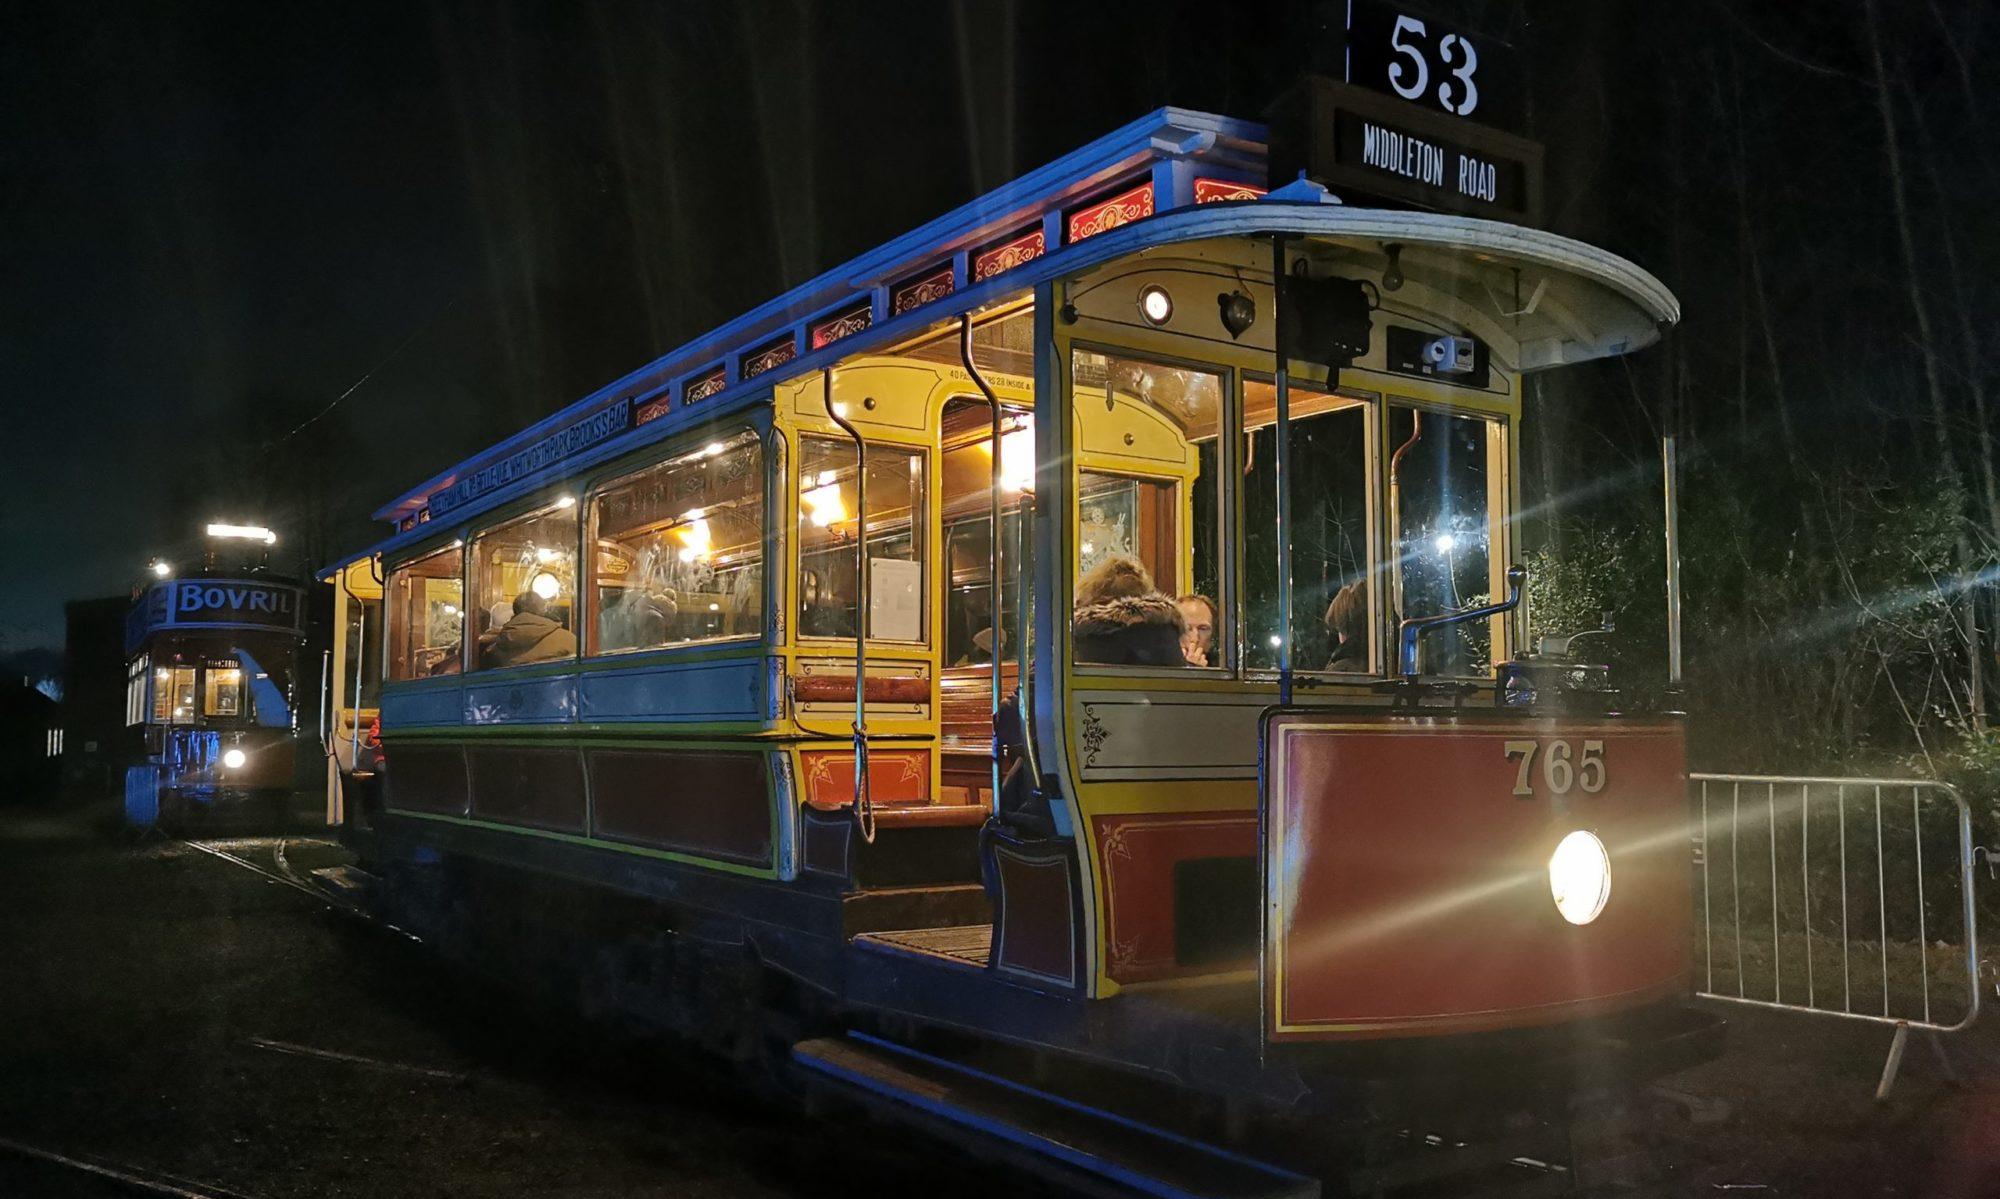 Heaton Park Tramway